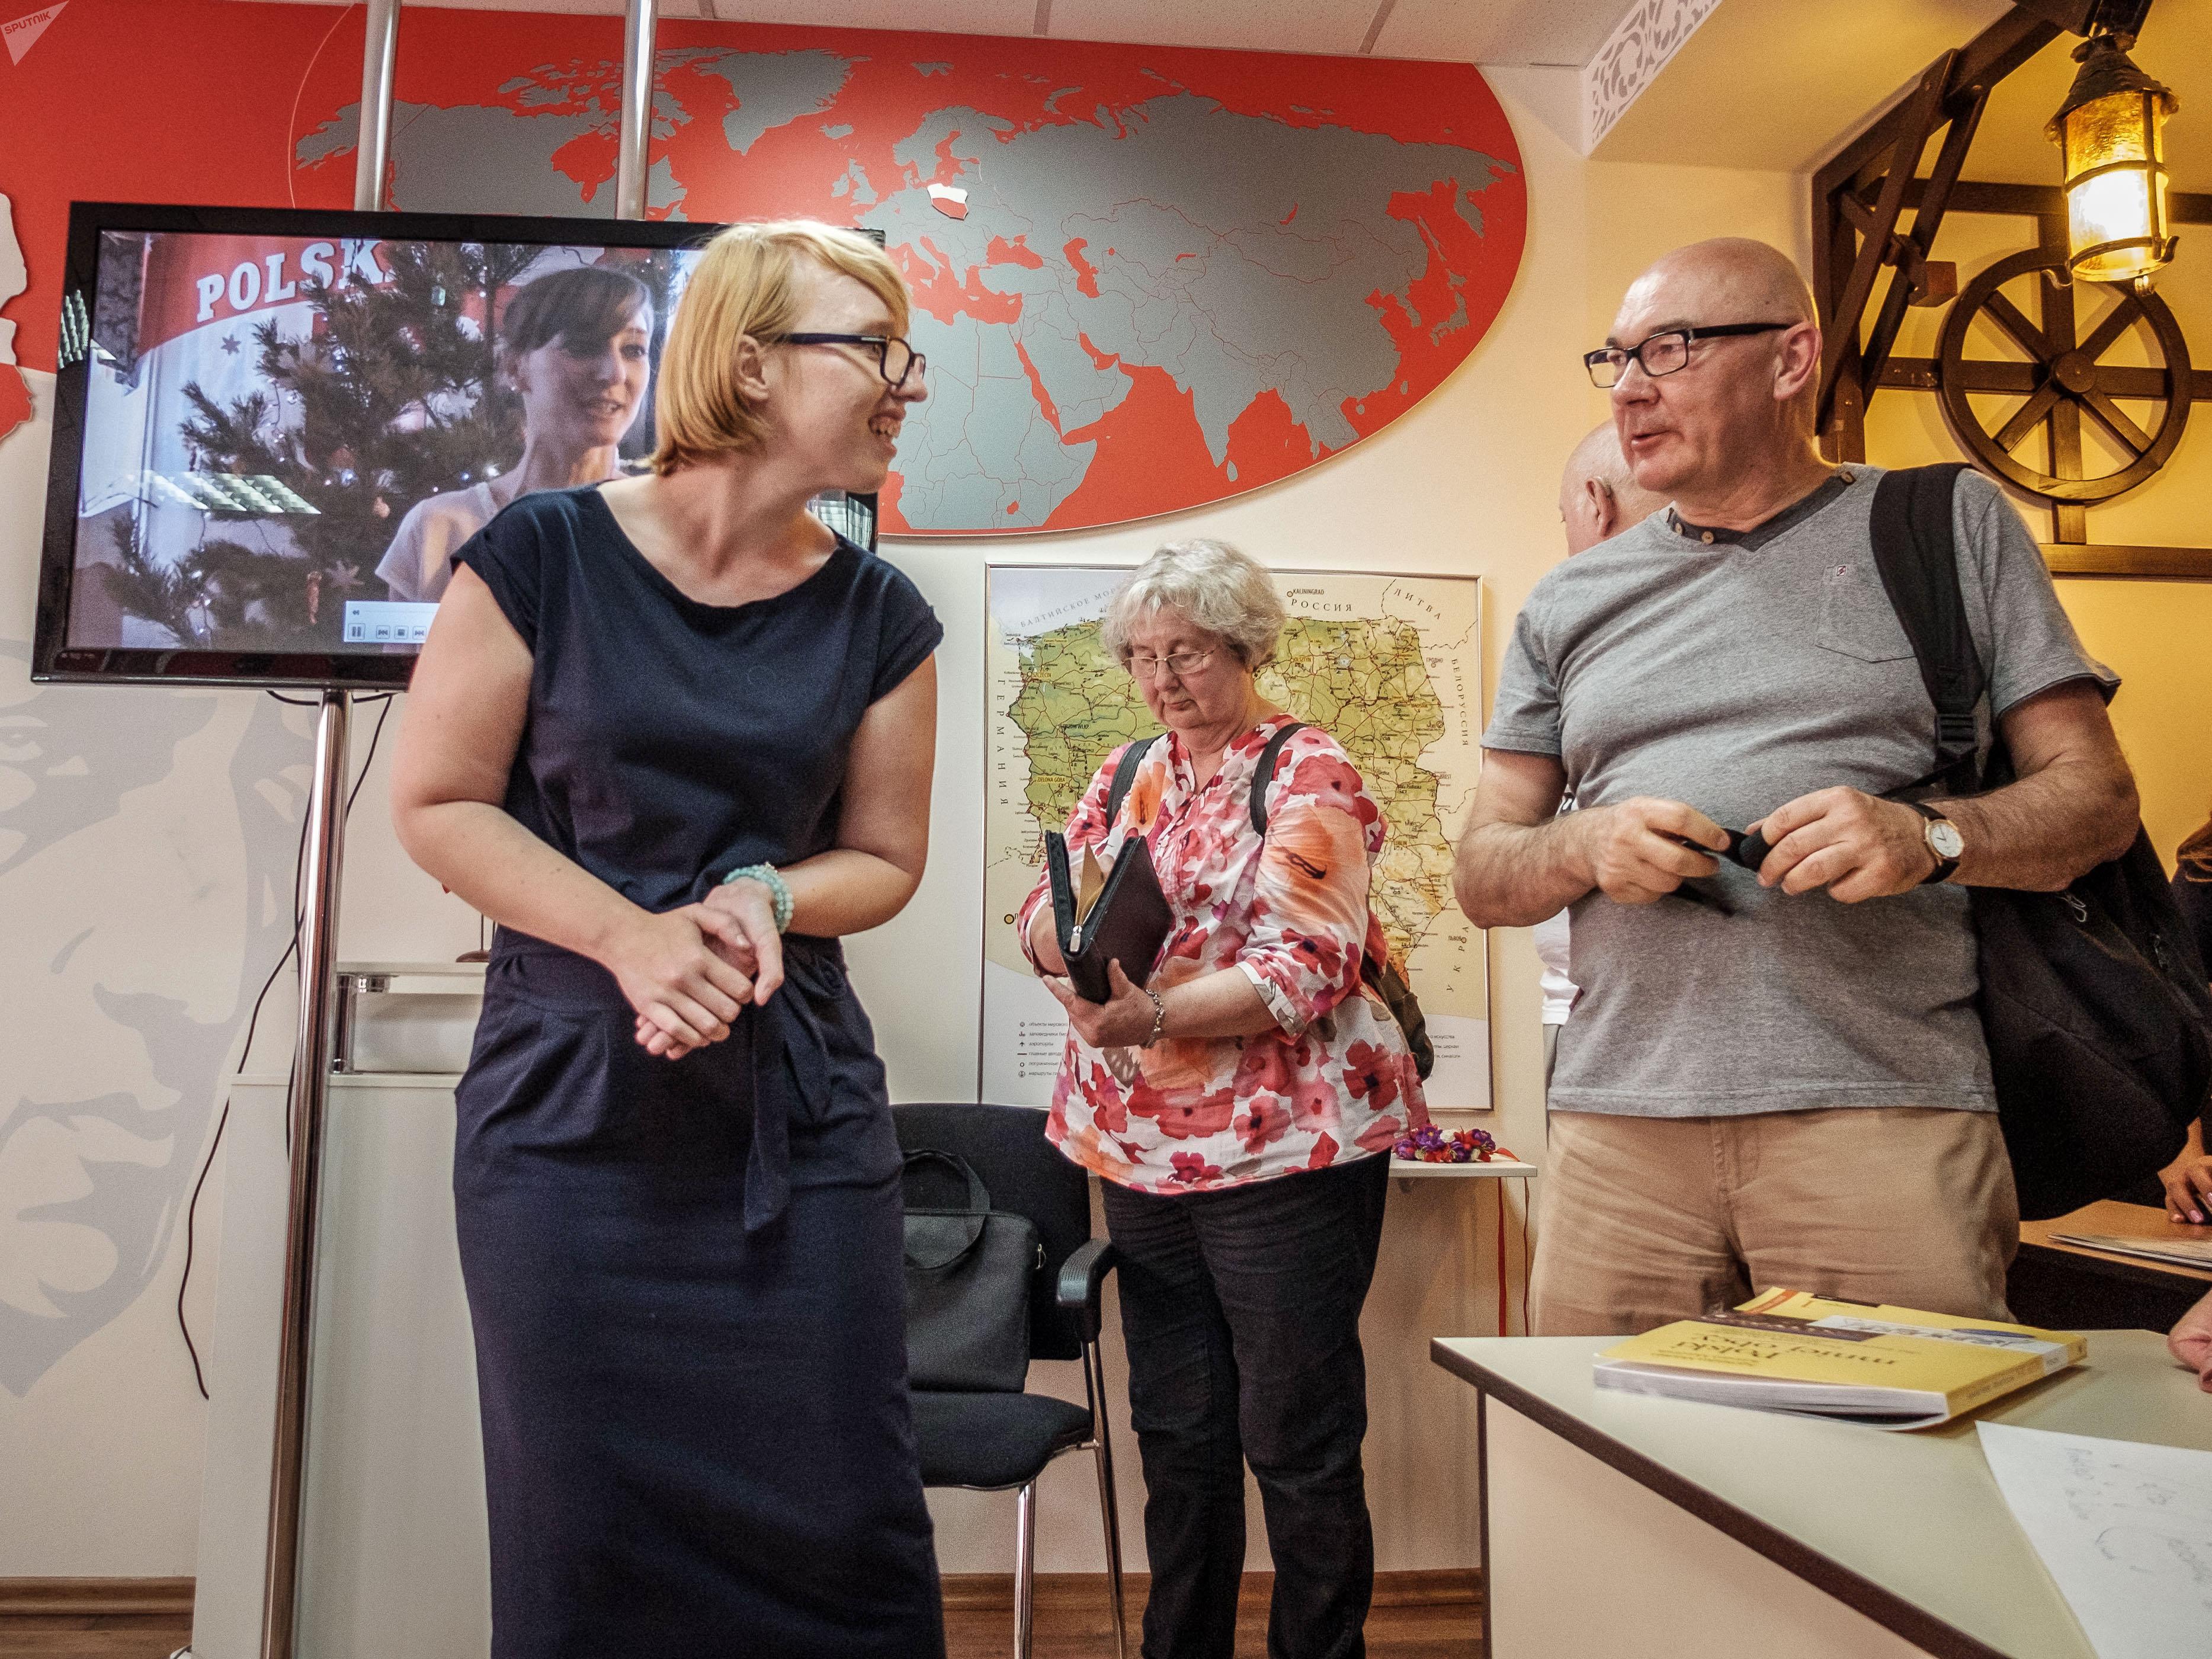 Centrum Polskiego Języka i Kultury na Piatigorskim Uniwersytecie Państwowym. Piatigorsk